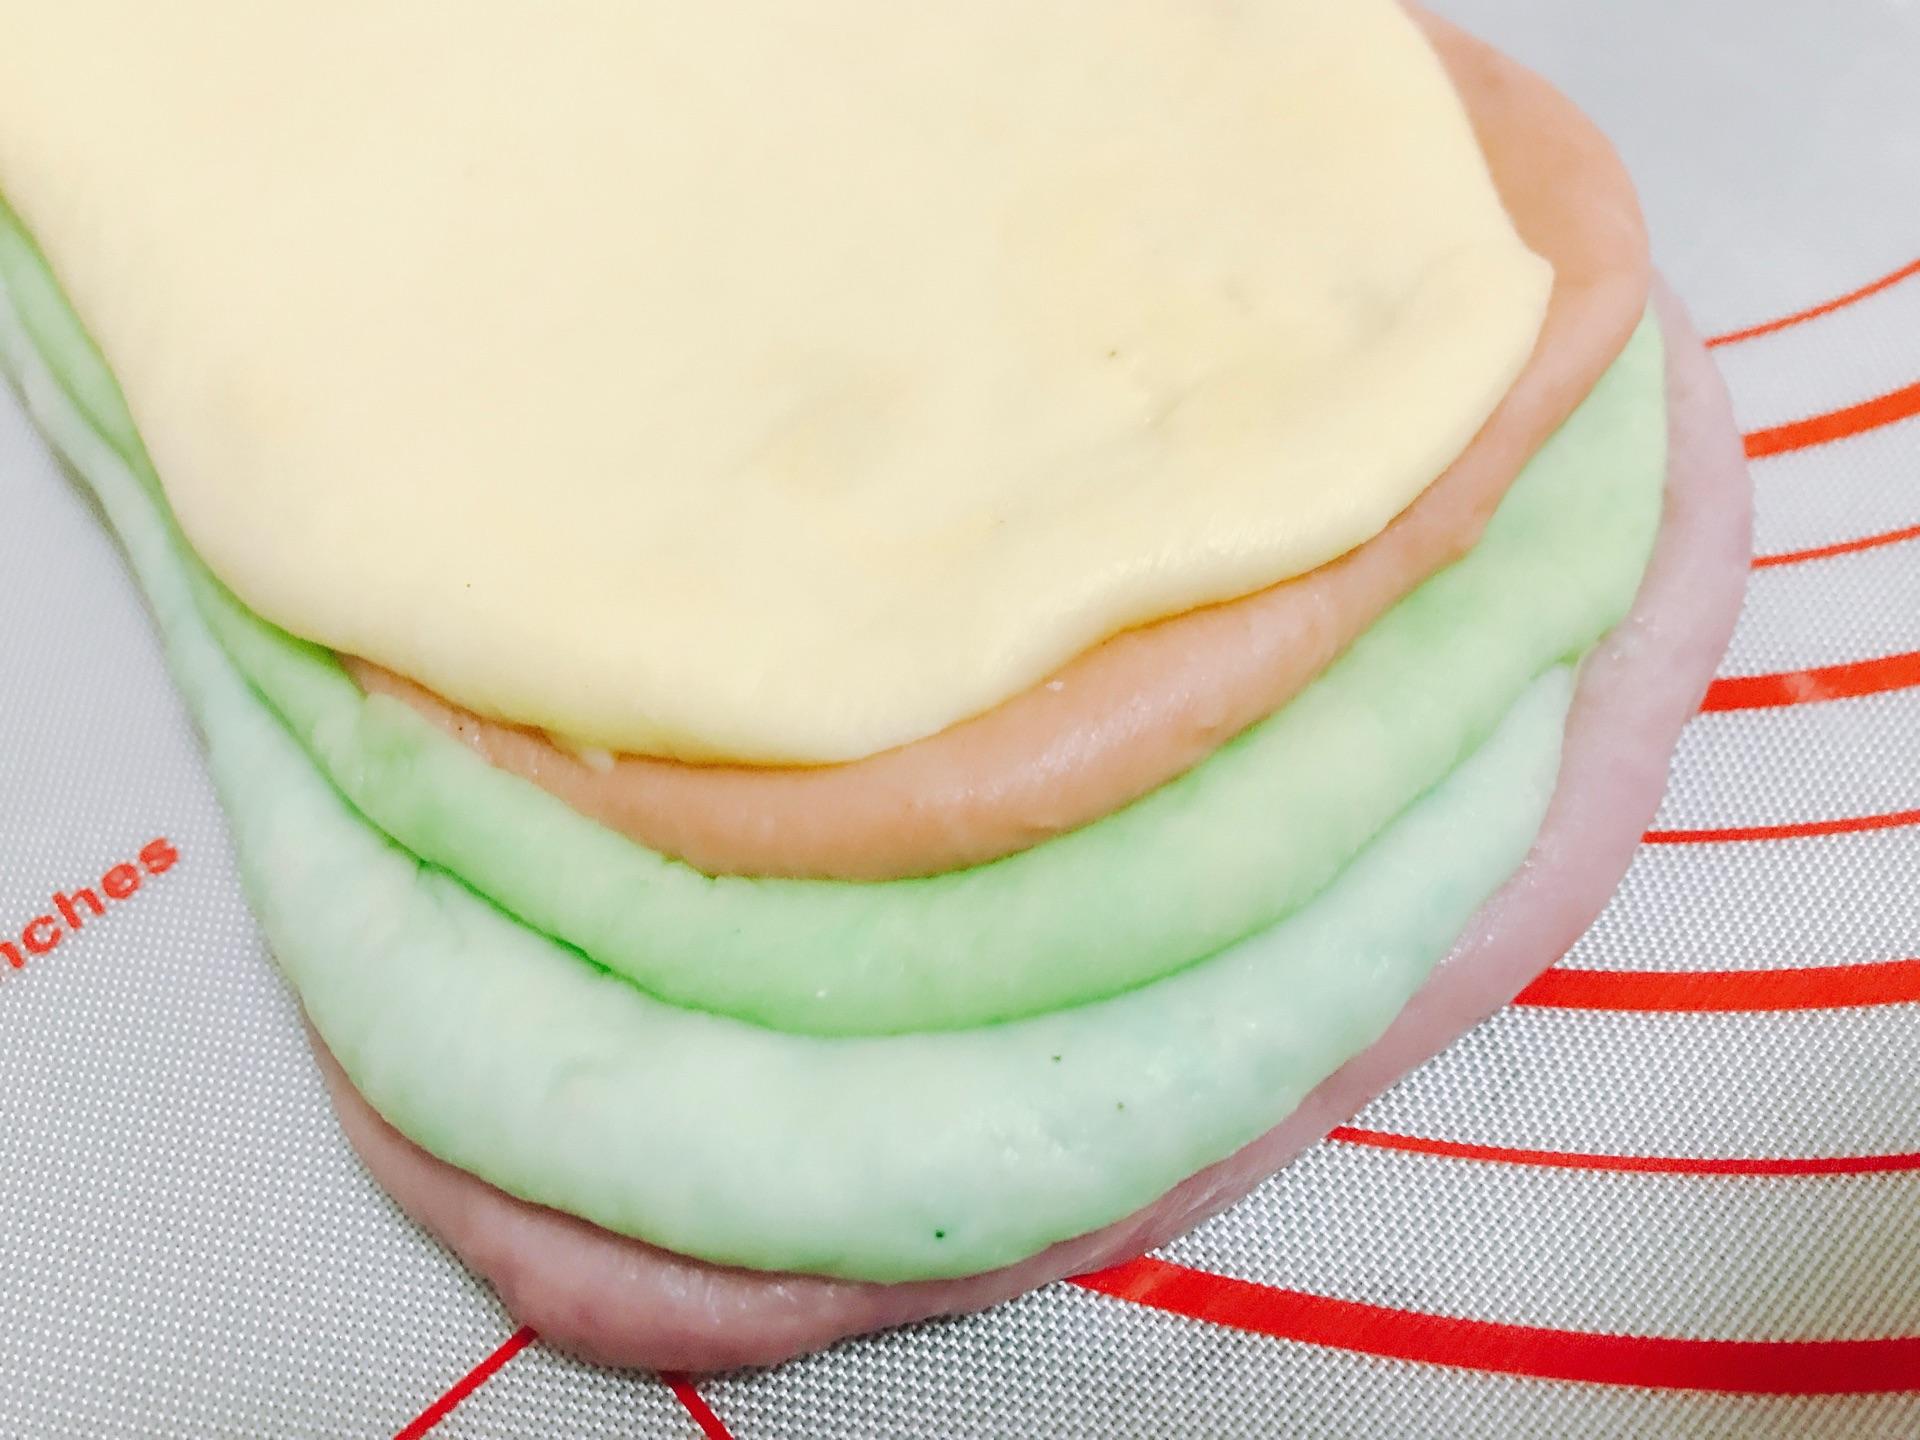 夏日小清新可爱 彩虹吐司面包 给宝宝爱心早餐#相约mof